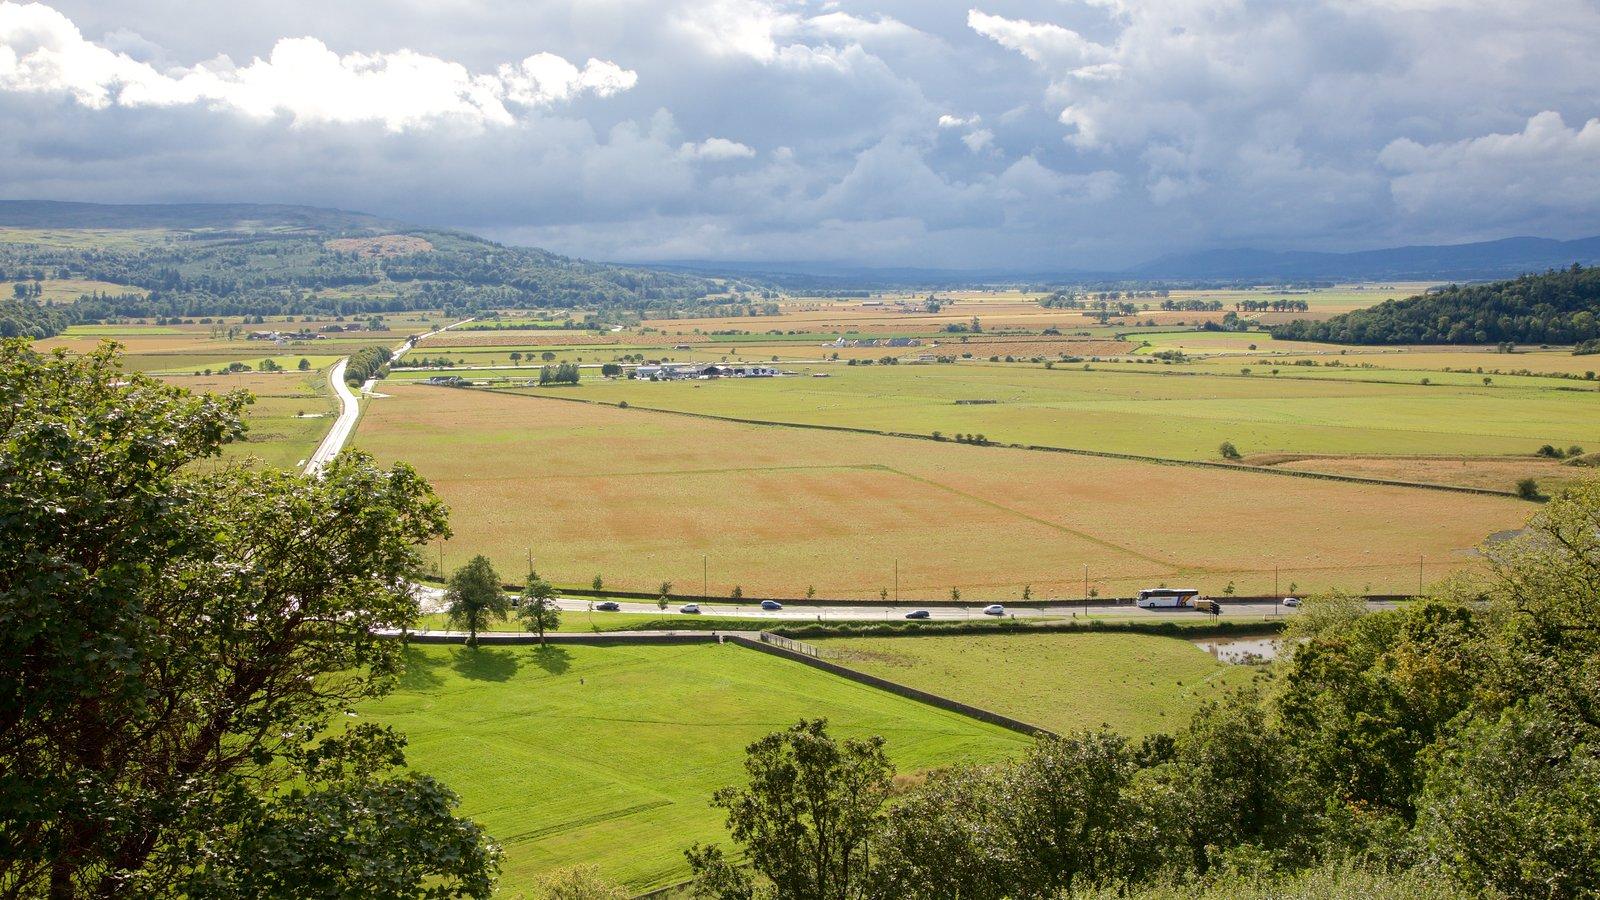 Stirling showing farmland